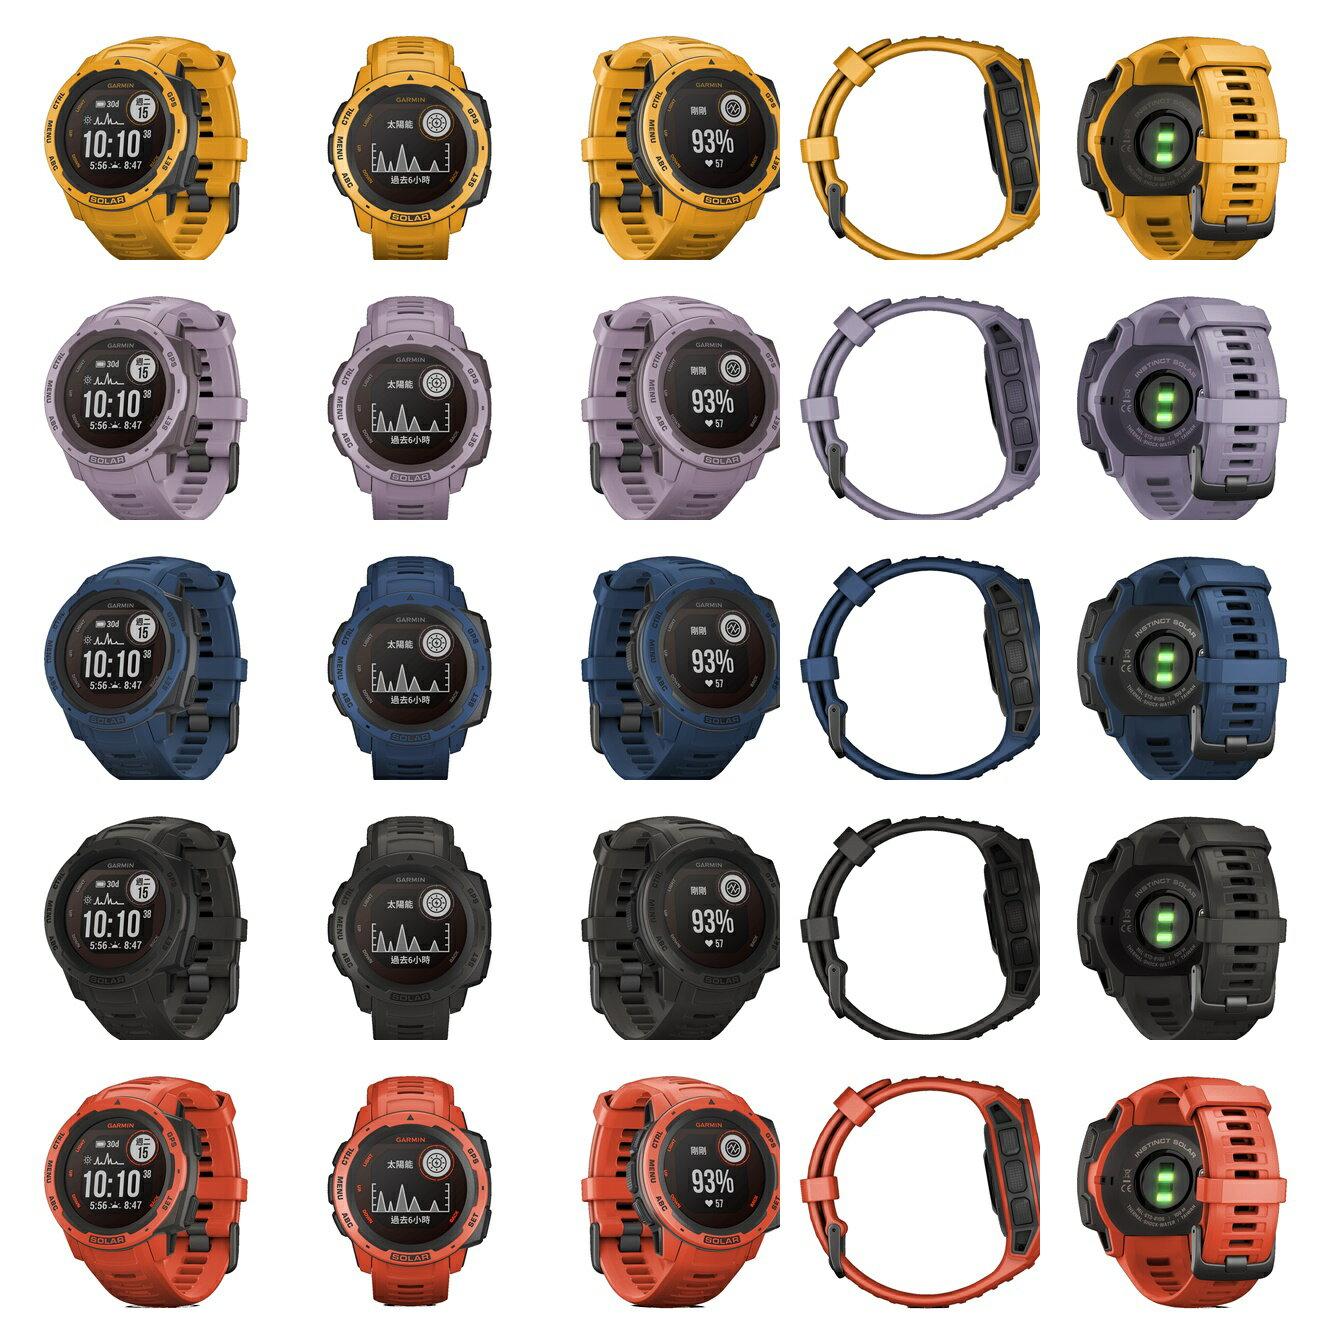 【現貨】GARMIN INSTINCT Solar 本我系列太陽能GPS腕錶 潮流炫色版